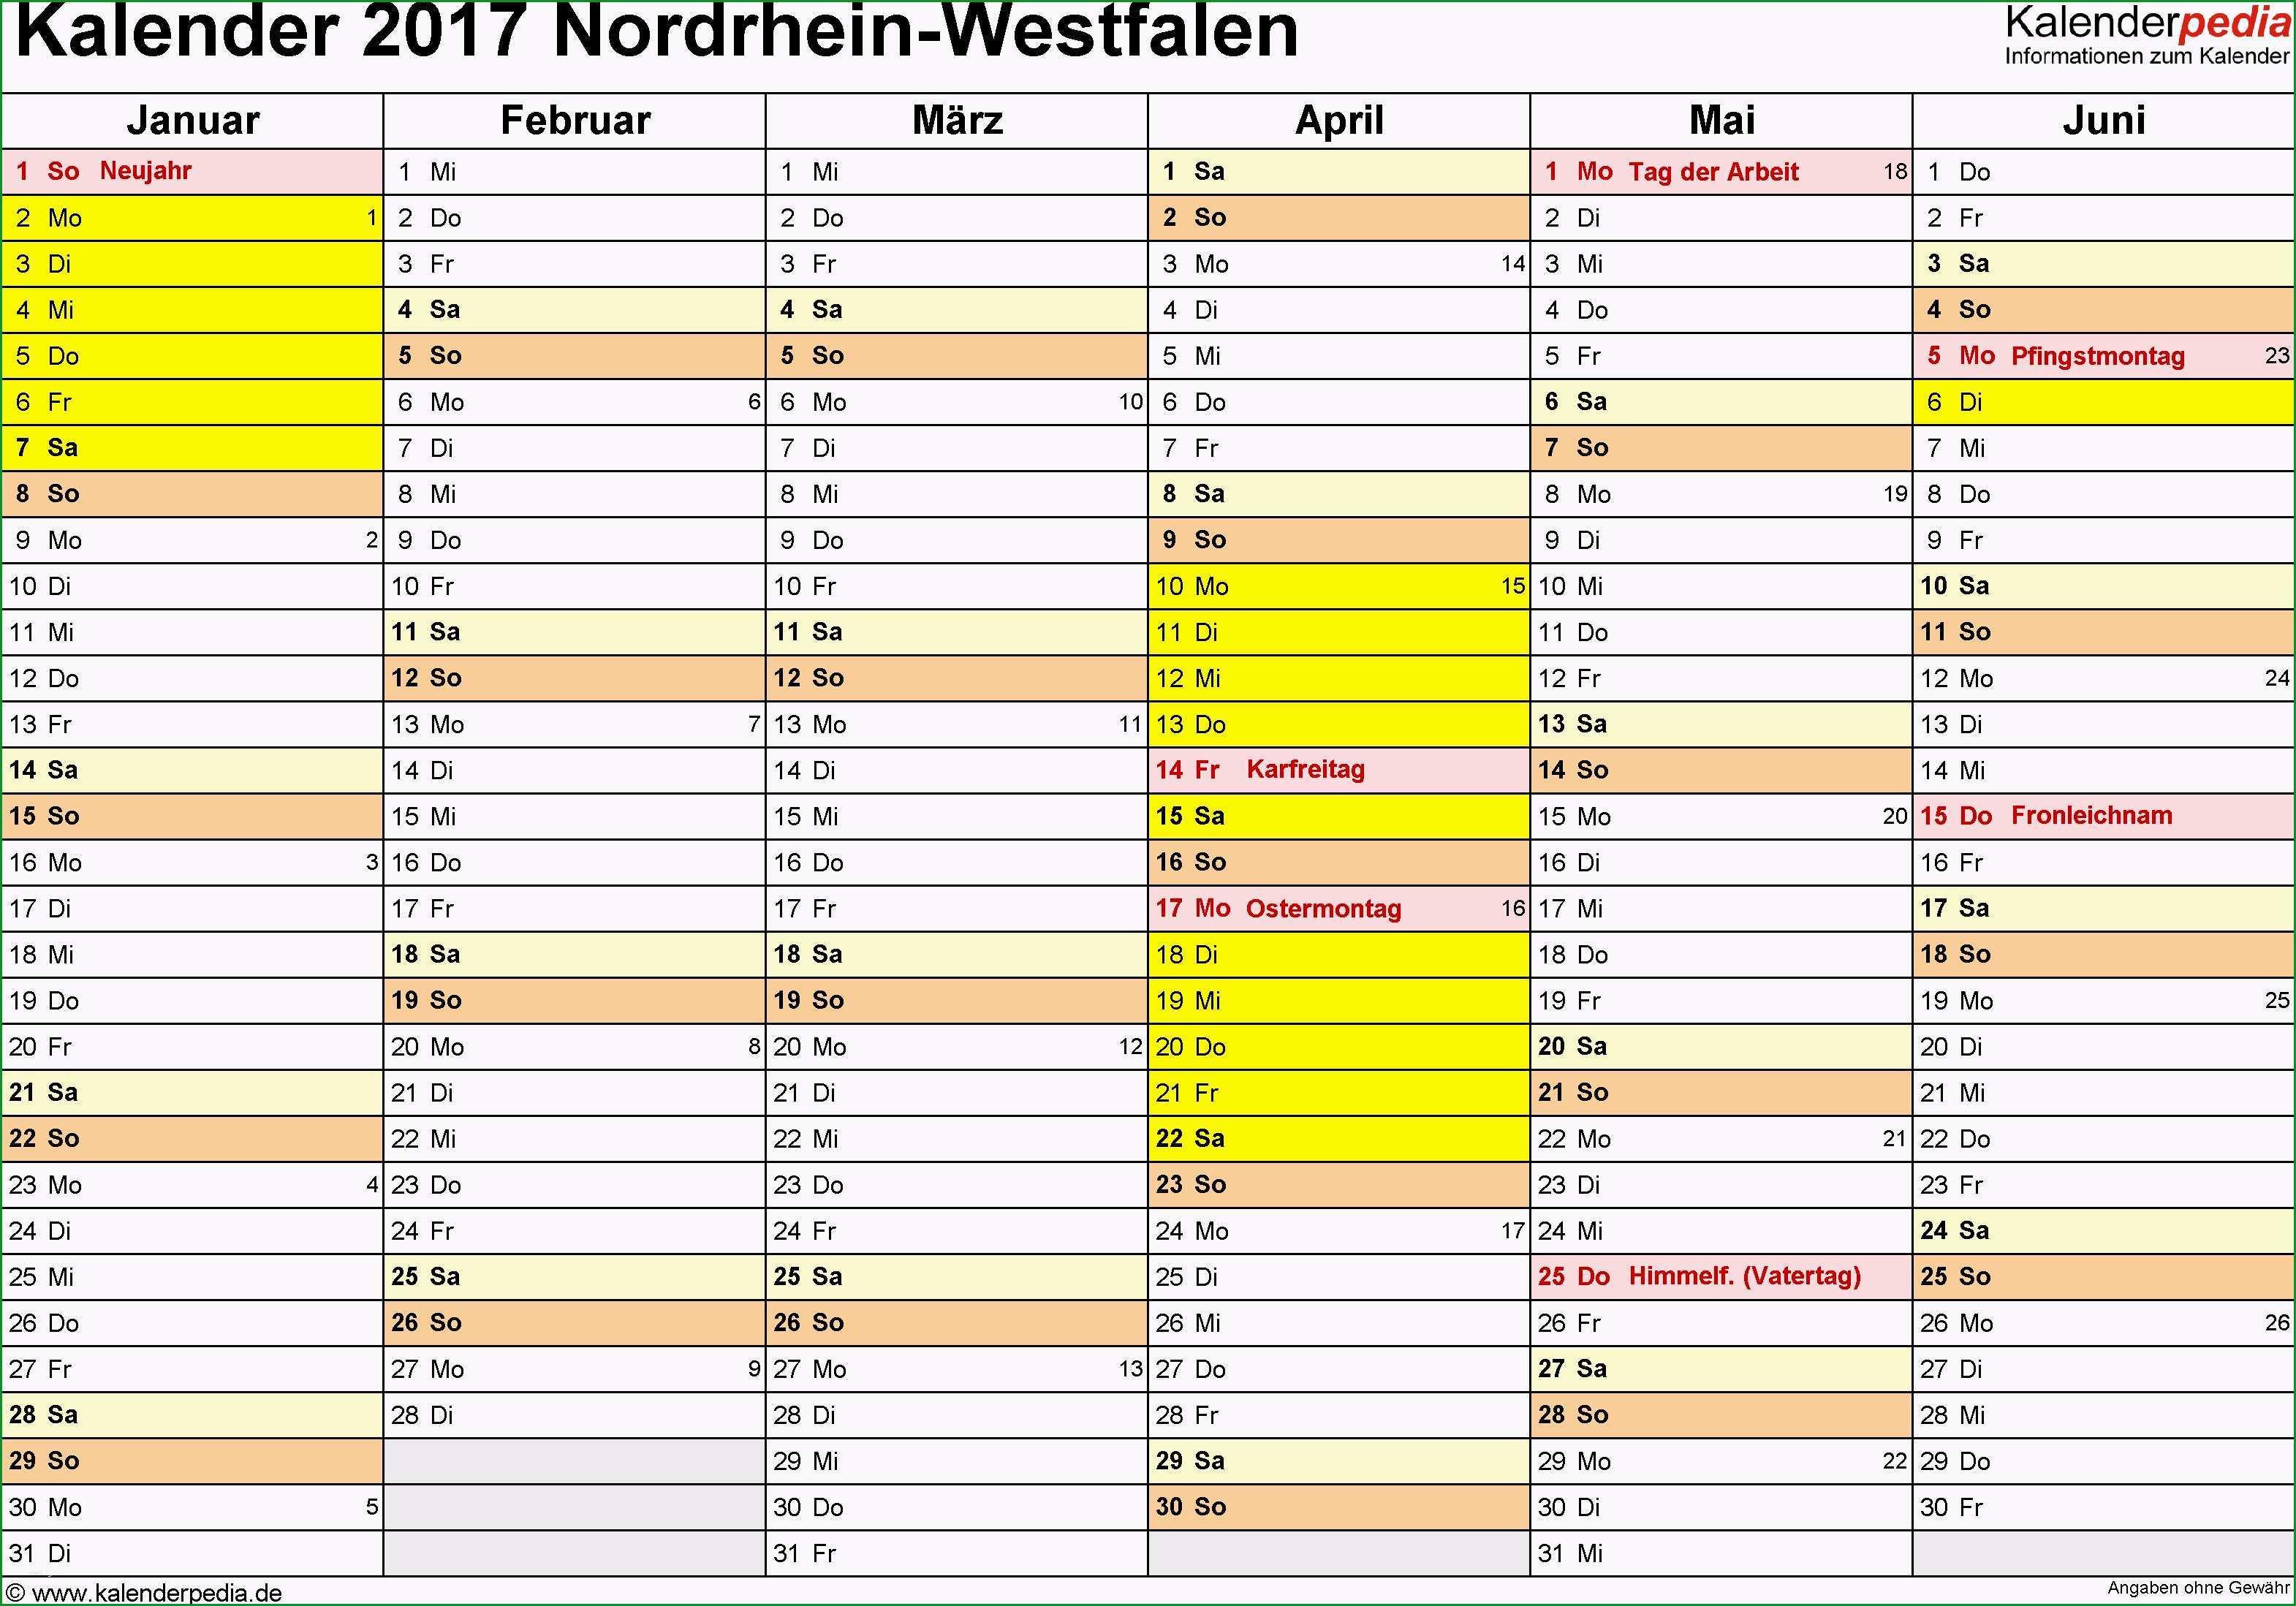 excel vorlage kalender 2017 luxus kalender 2017 nrw ferien feiertage excel vorlagen